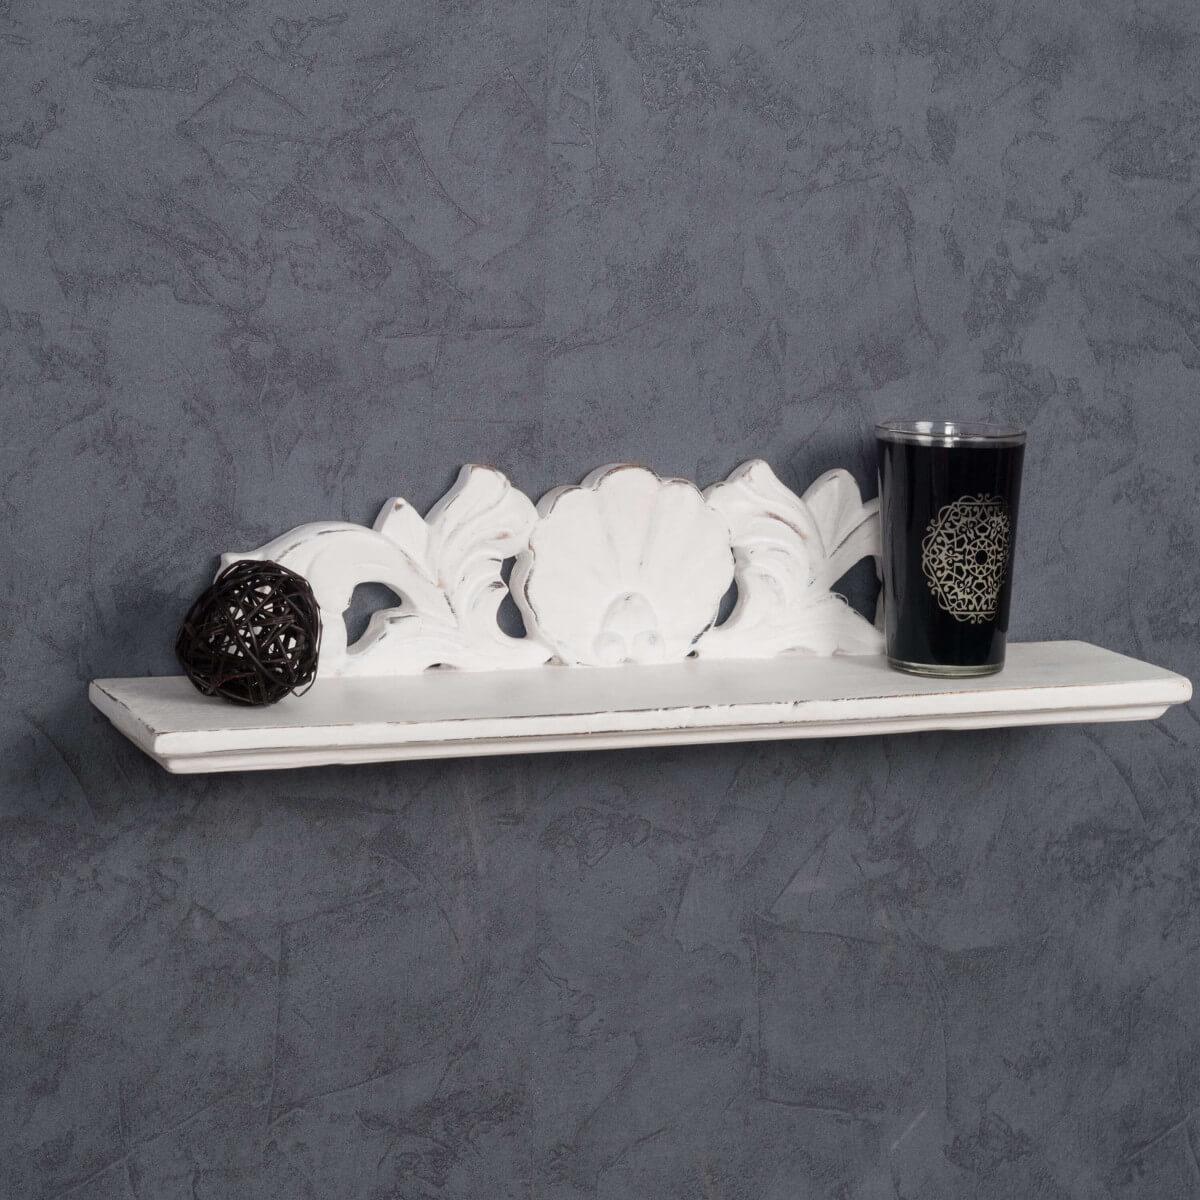 Tablette baroque blanc 50 cm for Accessoires salle de bain fly